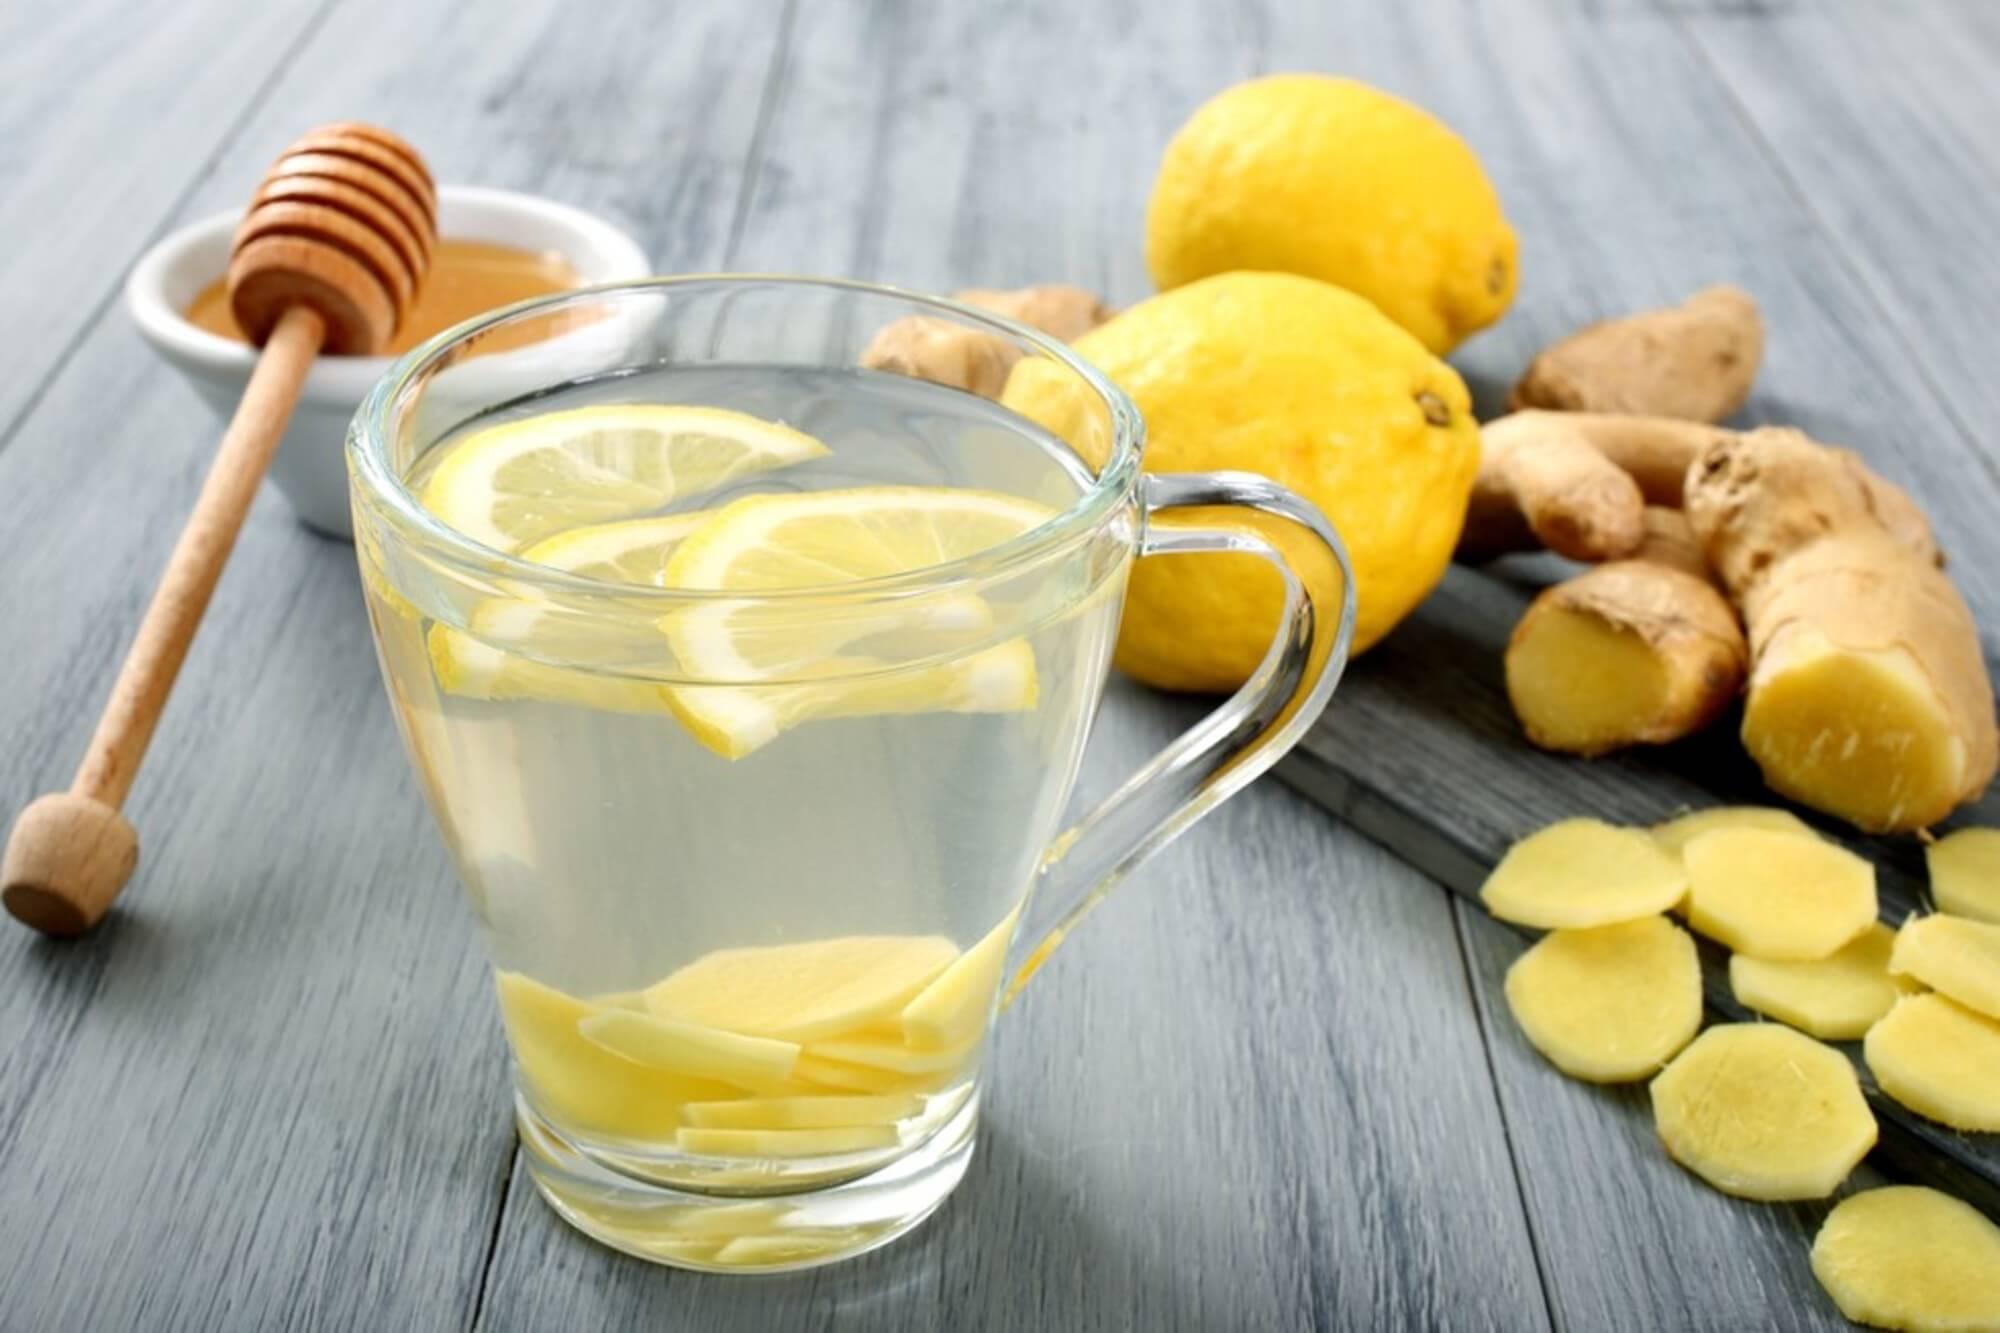 limonlu-su Soğuk Algınlığına ve Gribe Ne İyi Gelir? Grip Nasıl Geçer?